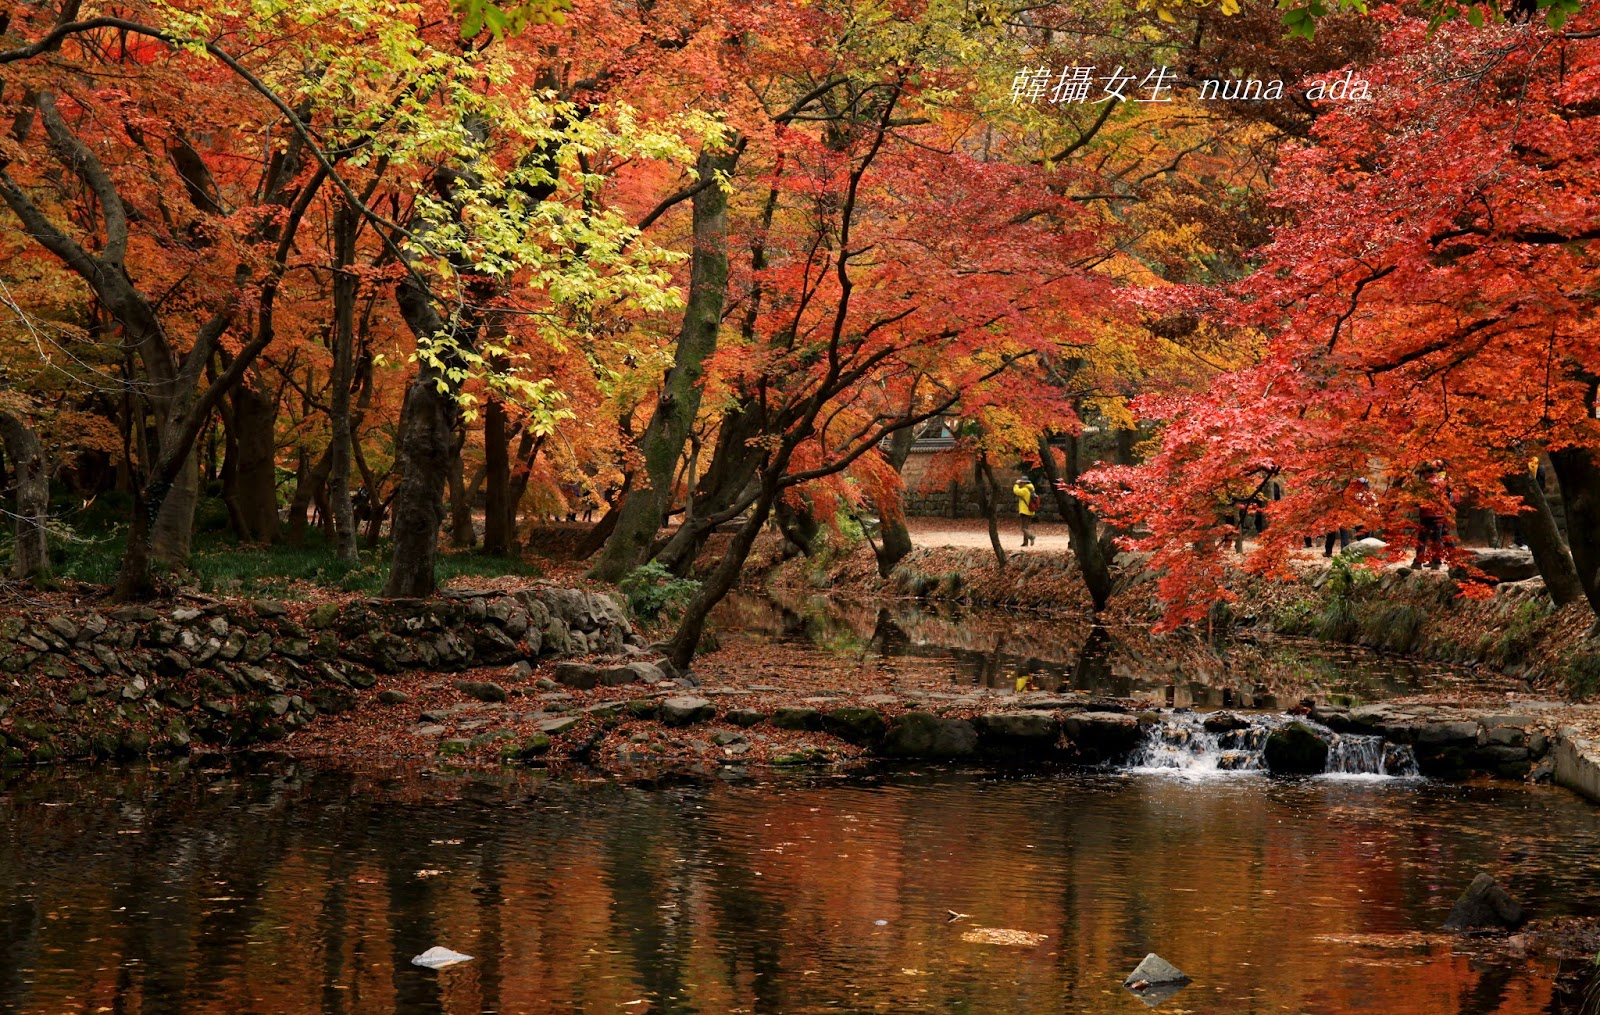 ** 韓攝女生~四季樂遊誌 : 我的五個韓國紅葉之旅 (旅行團?攝影團?自由行?)